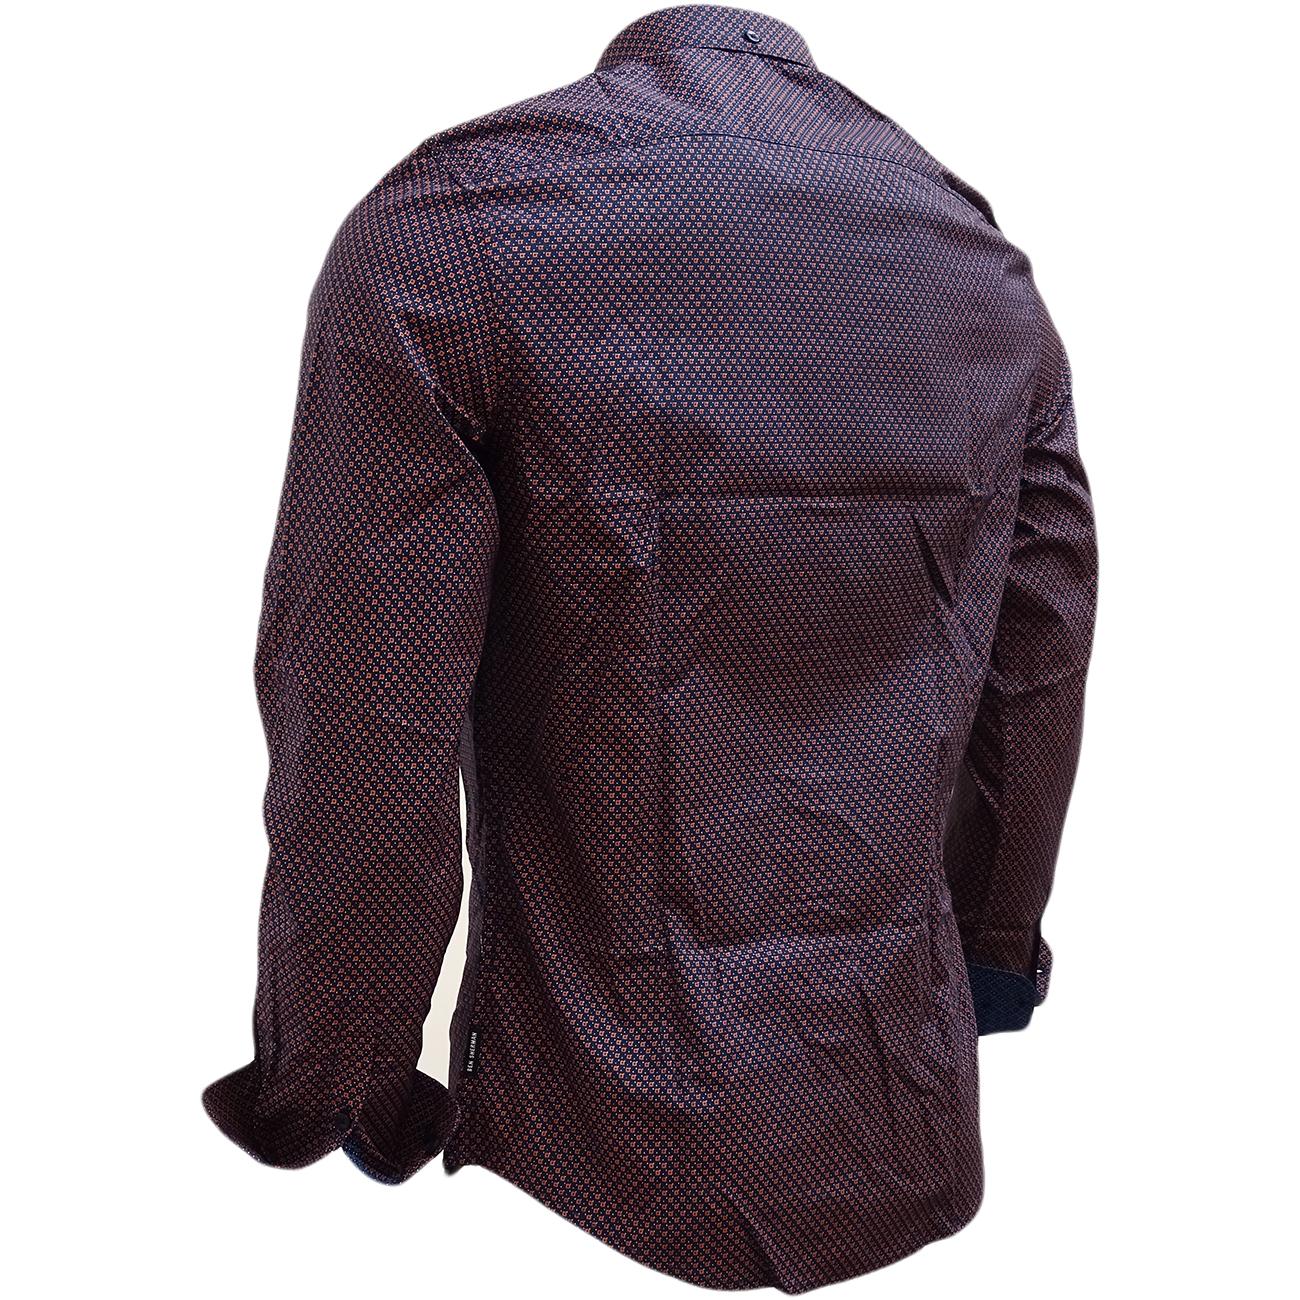 Ben Sherman Shirt Mens Long Sleeve Shirts S M L XL XXL